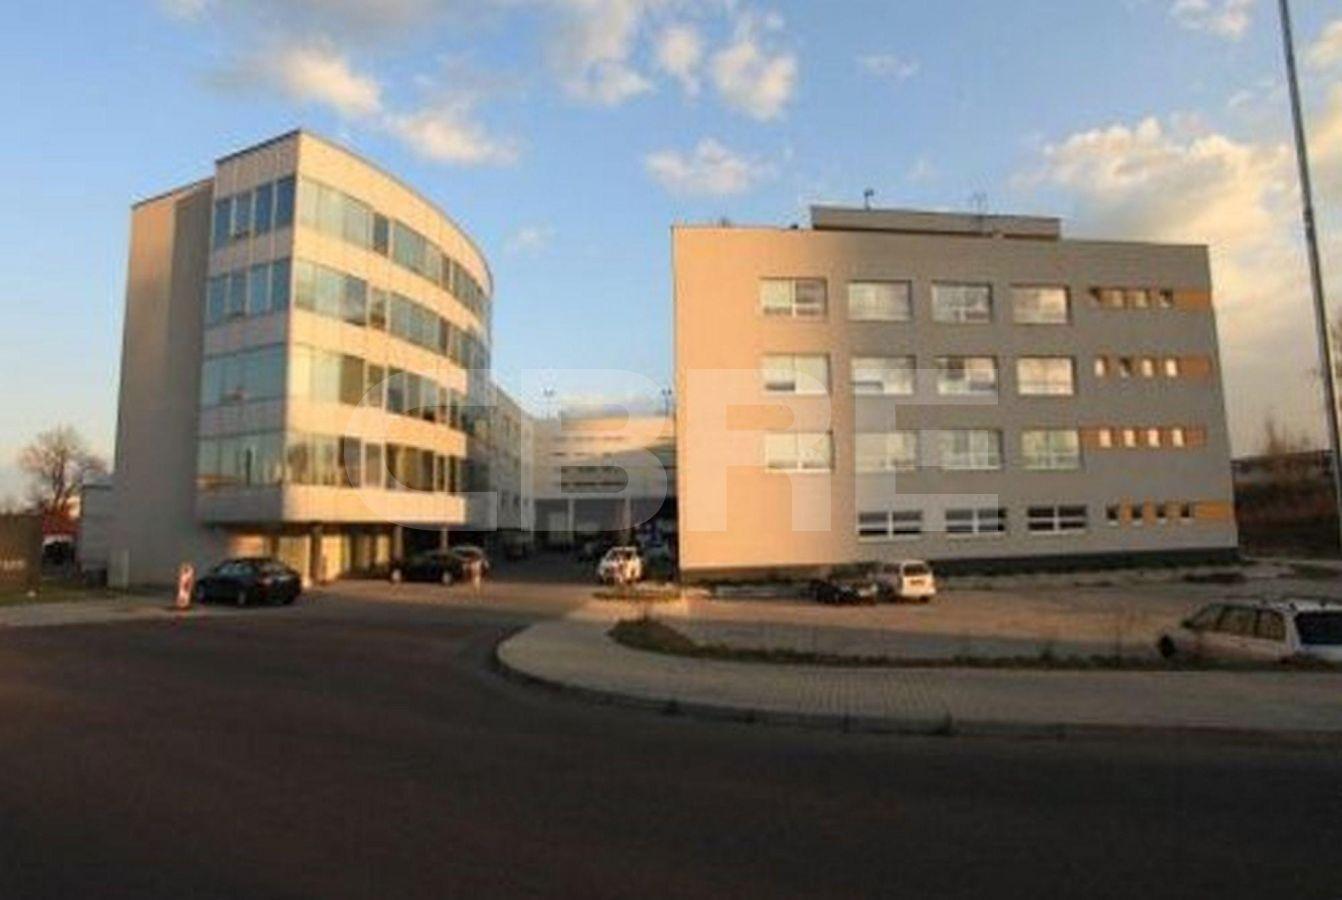 Elektrárenská, Nové Mesto, Bratislava III - 638 m², Bratislavský kraj, Bratislava | Prenájom a predaj skladov a výrobných hál od CBRE | 1